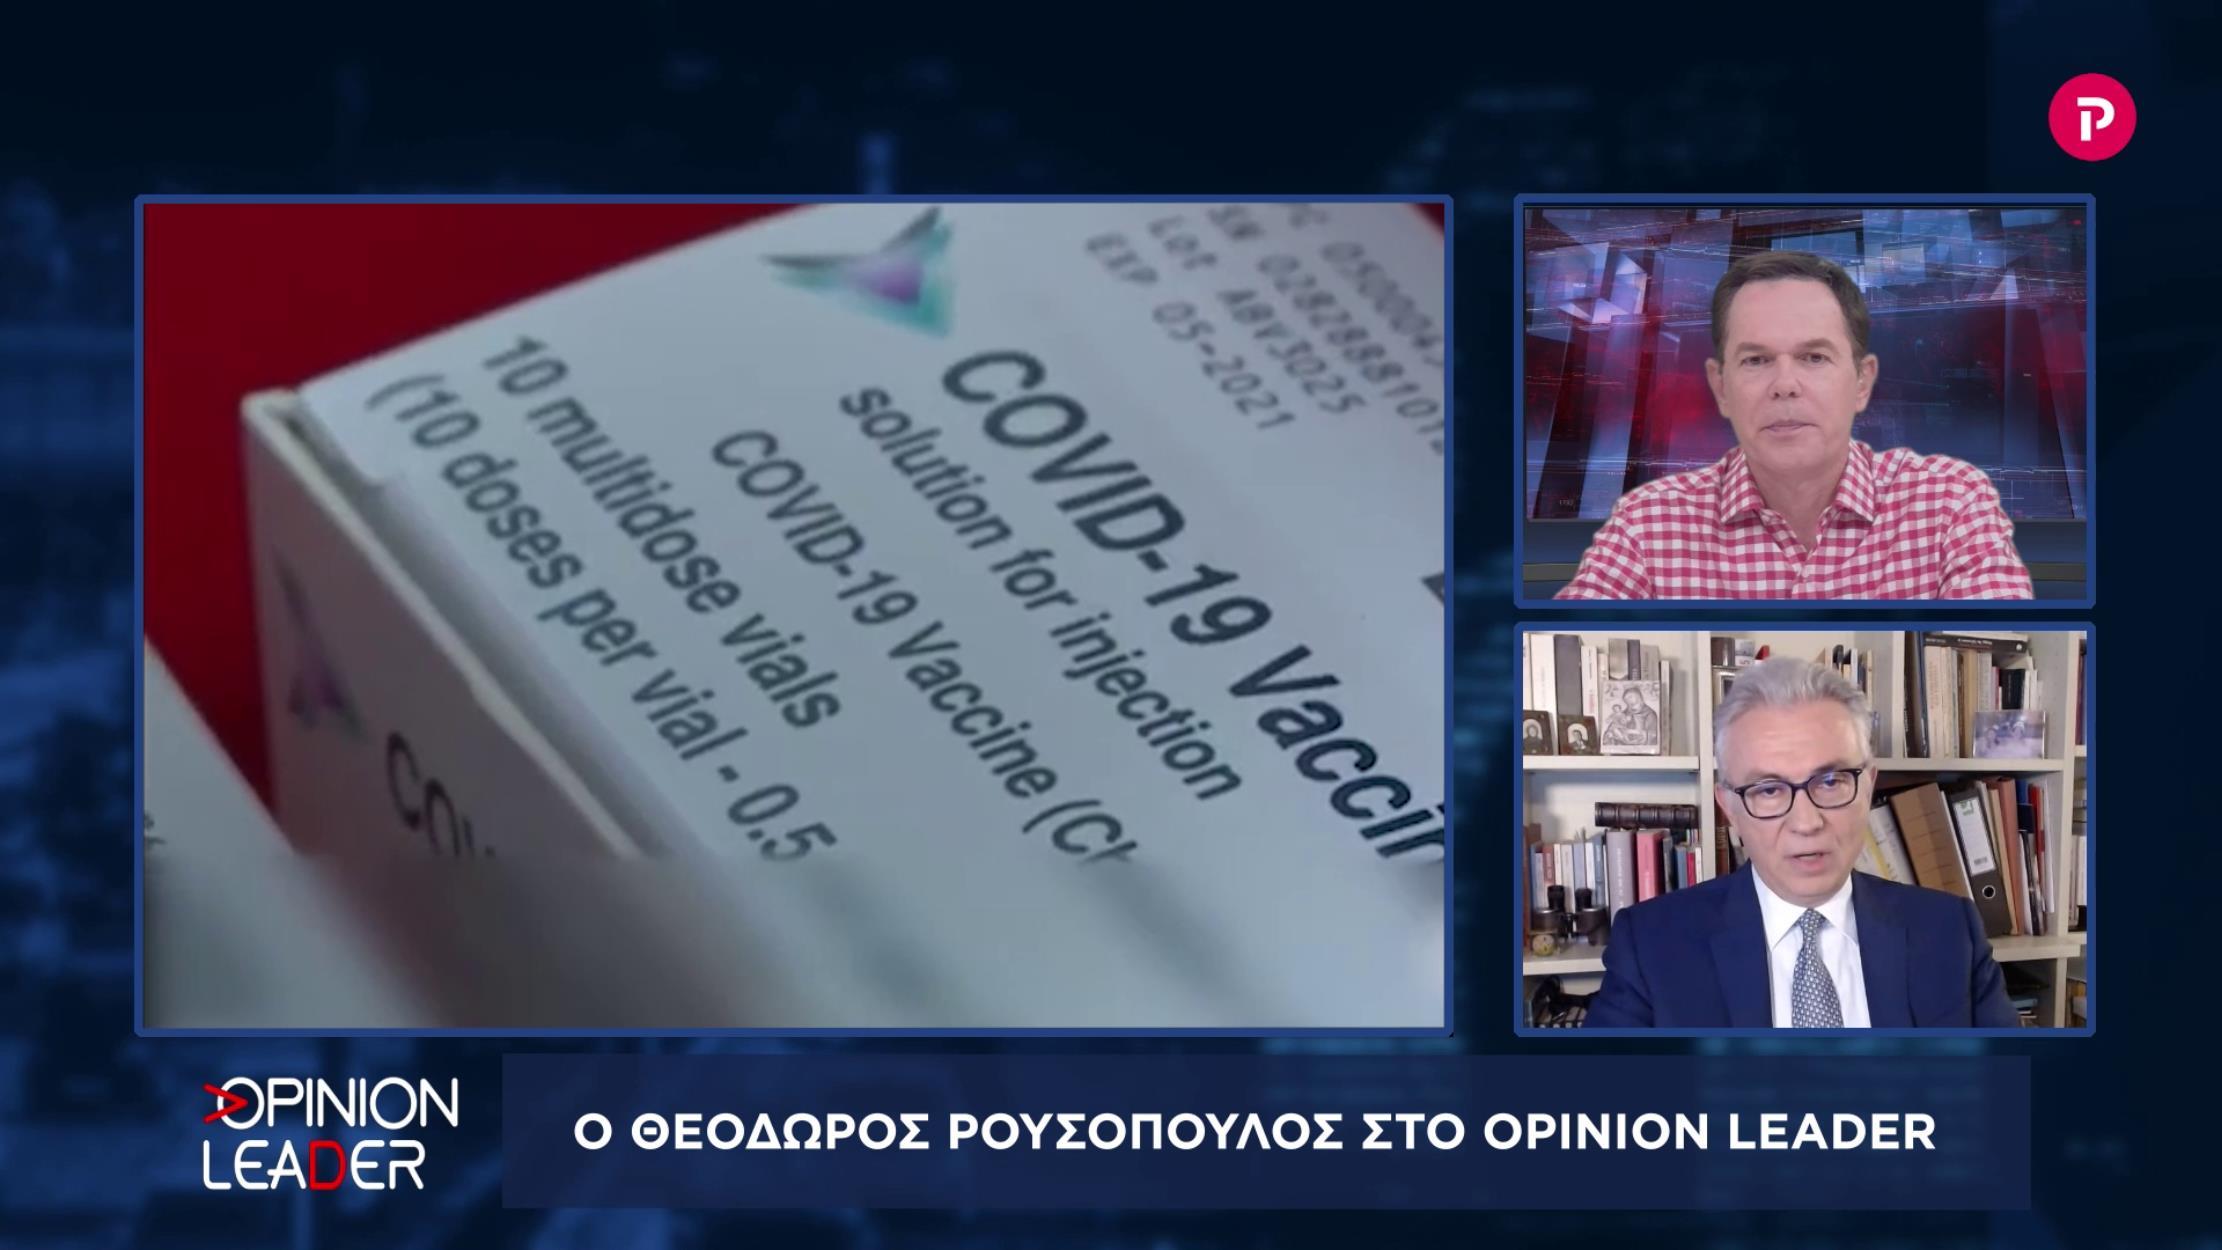 Θεόδωρος Ρουσόπουλος στο pagenews.gr